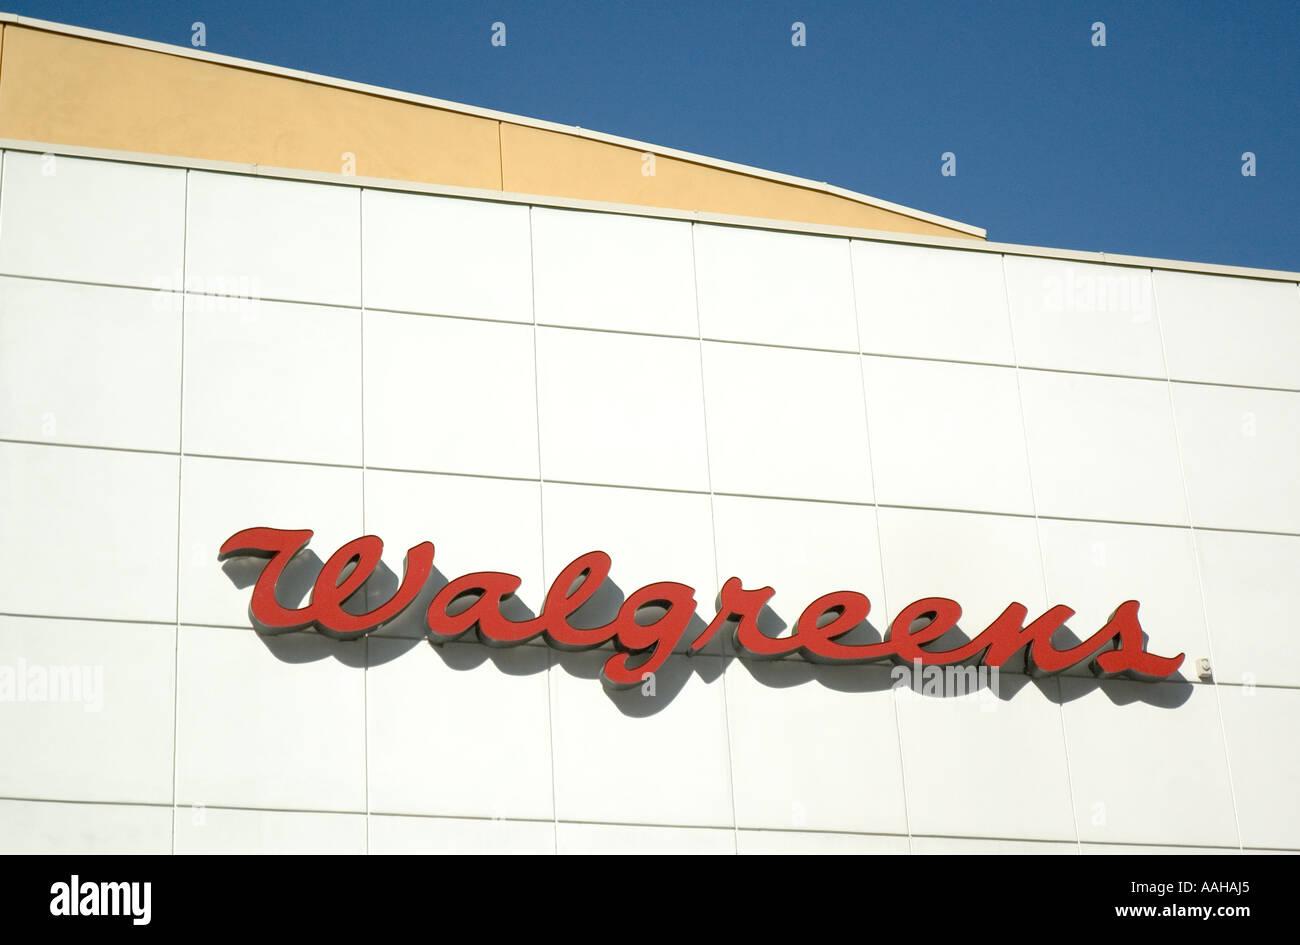 Miami Florida Walgreens Pharmacy Drugstore Stock Photos & Miami ...